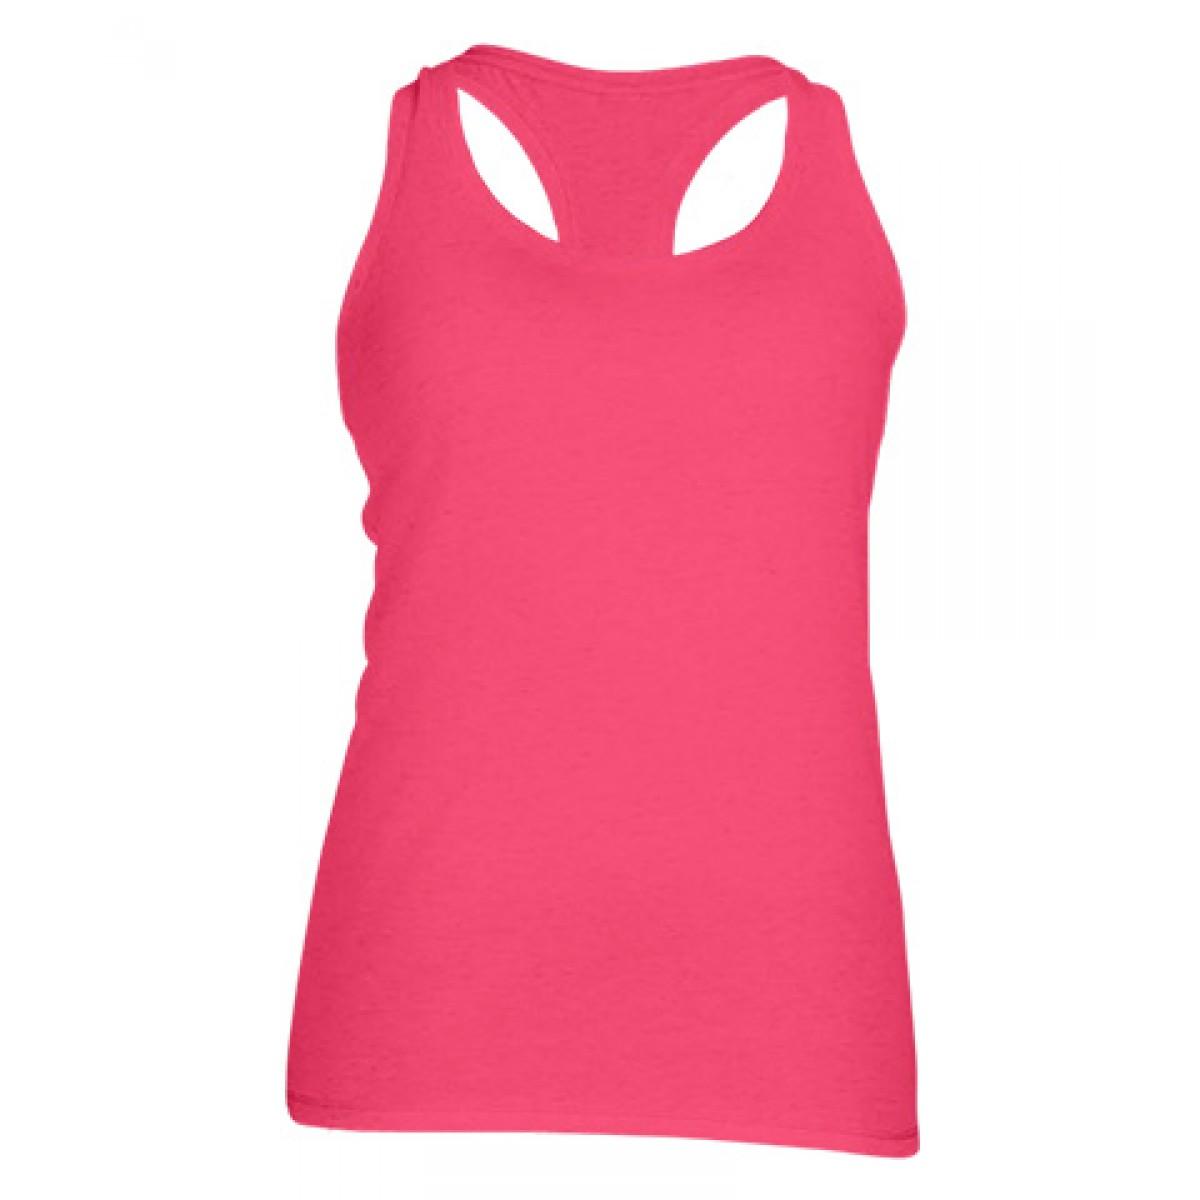 Ladies' Performance Racerback Tank-Safety Pink-XS